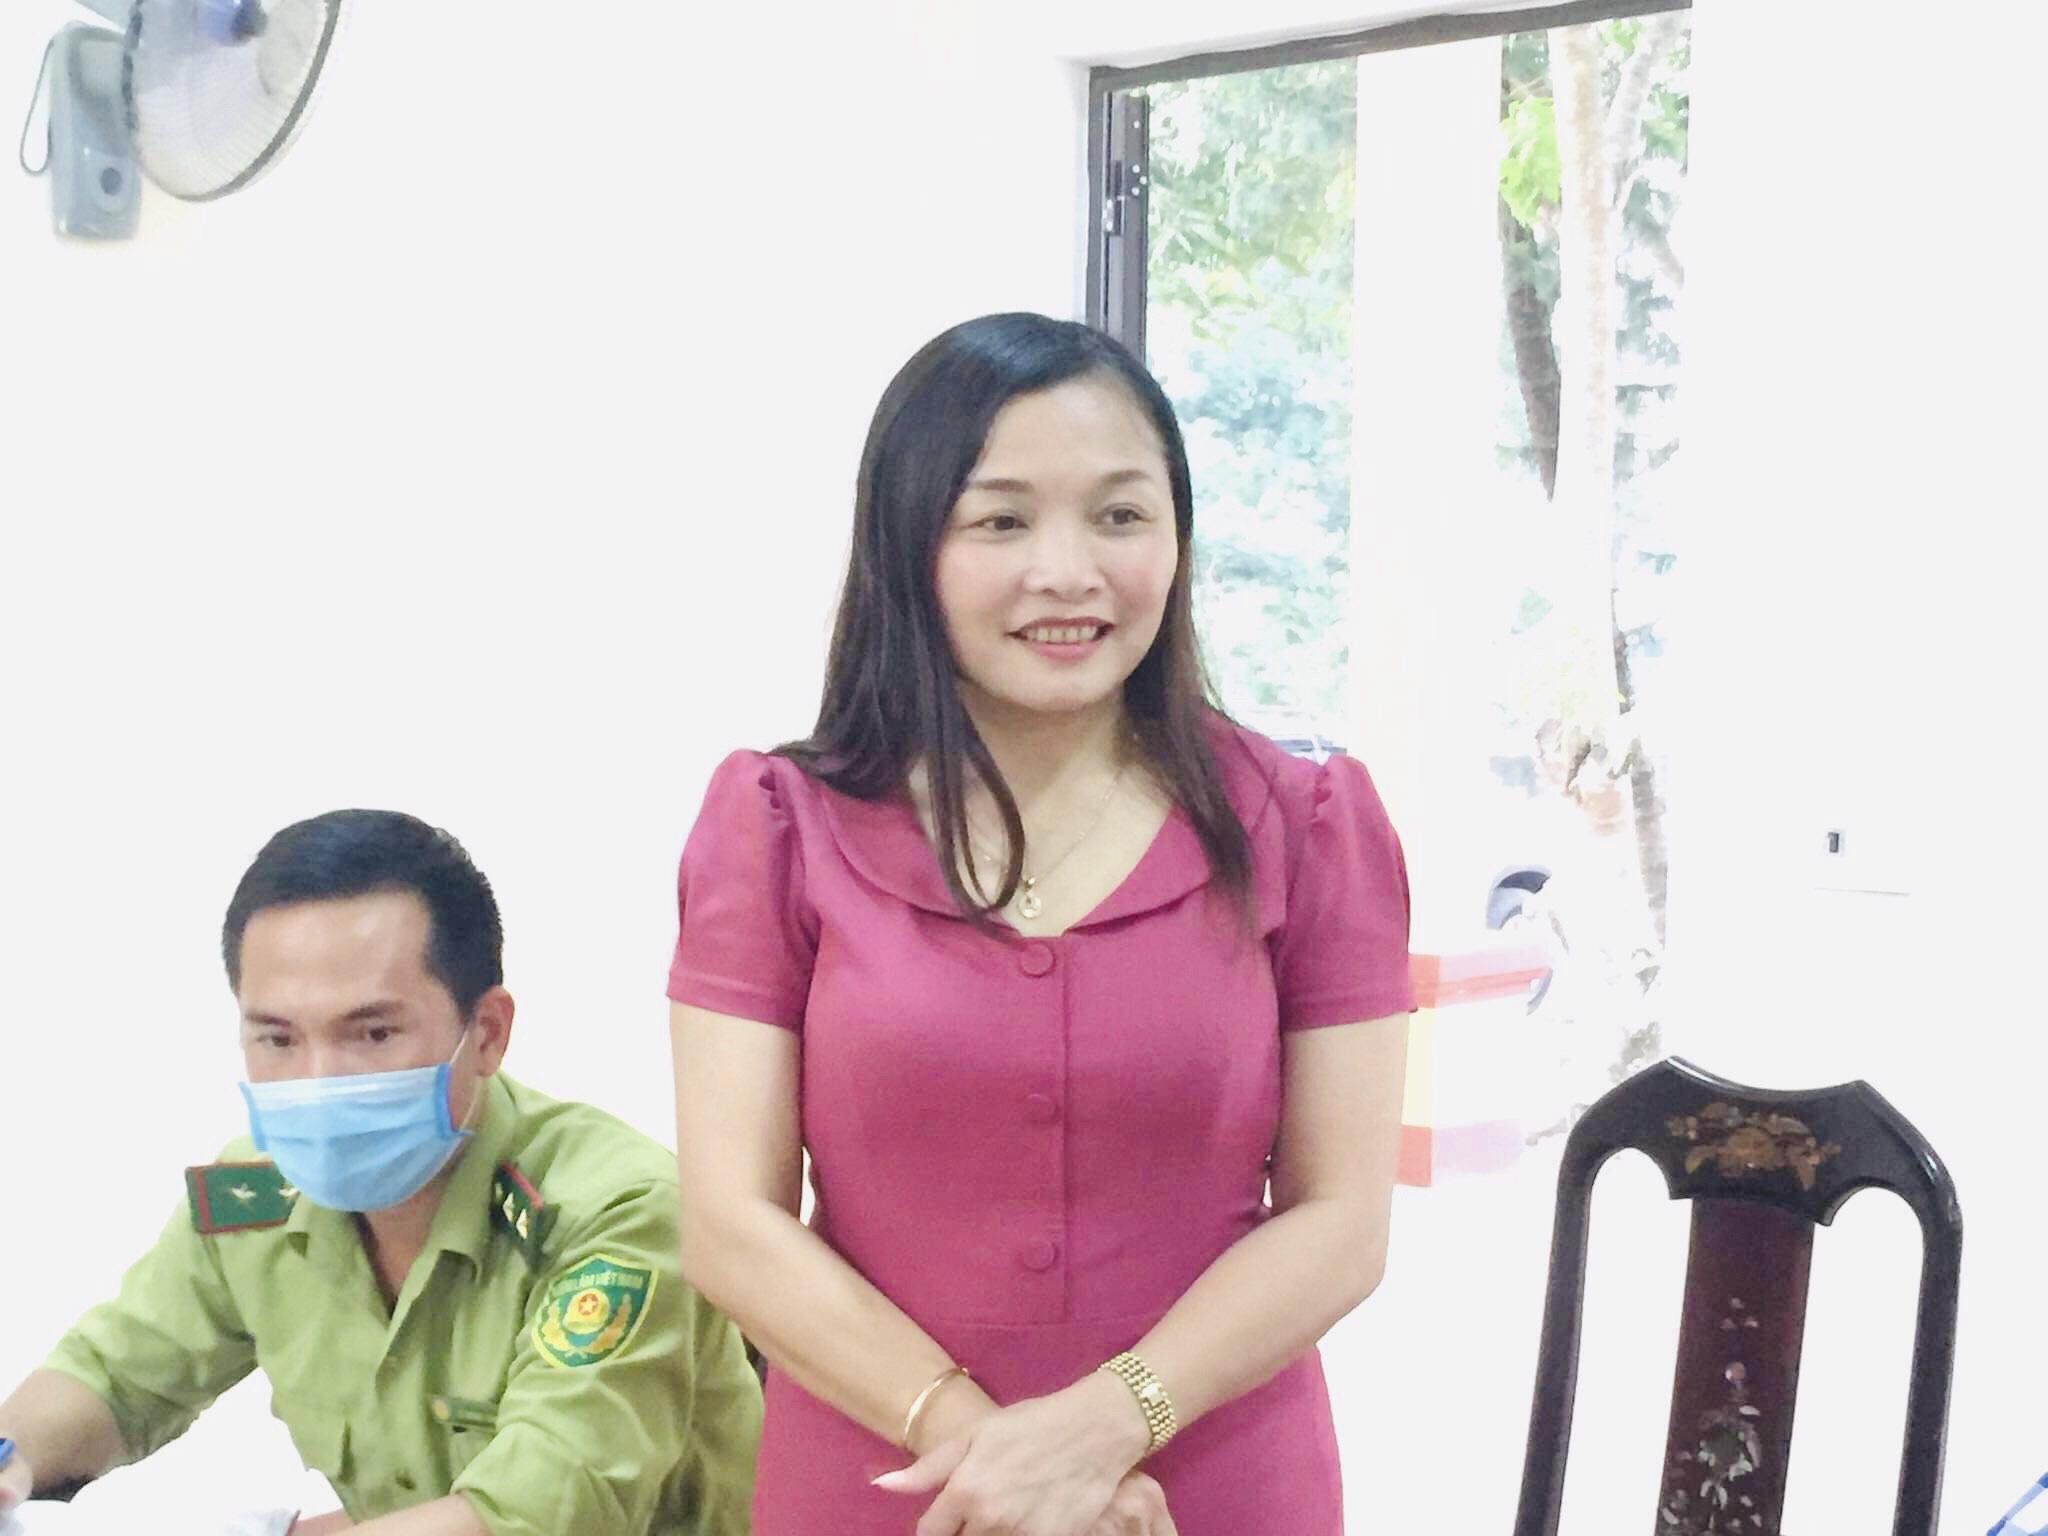 Đồng chí Nguyễn Thị Hà Tân – Bí thư Huyện ủy tham dự họp Chi bộ thường kỳ tại Đảng bộ Vườn Quốc gia Vũ Quang